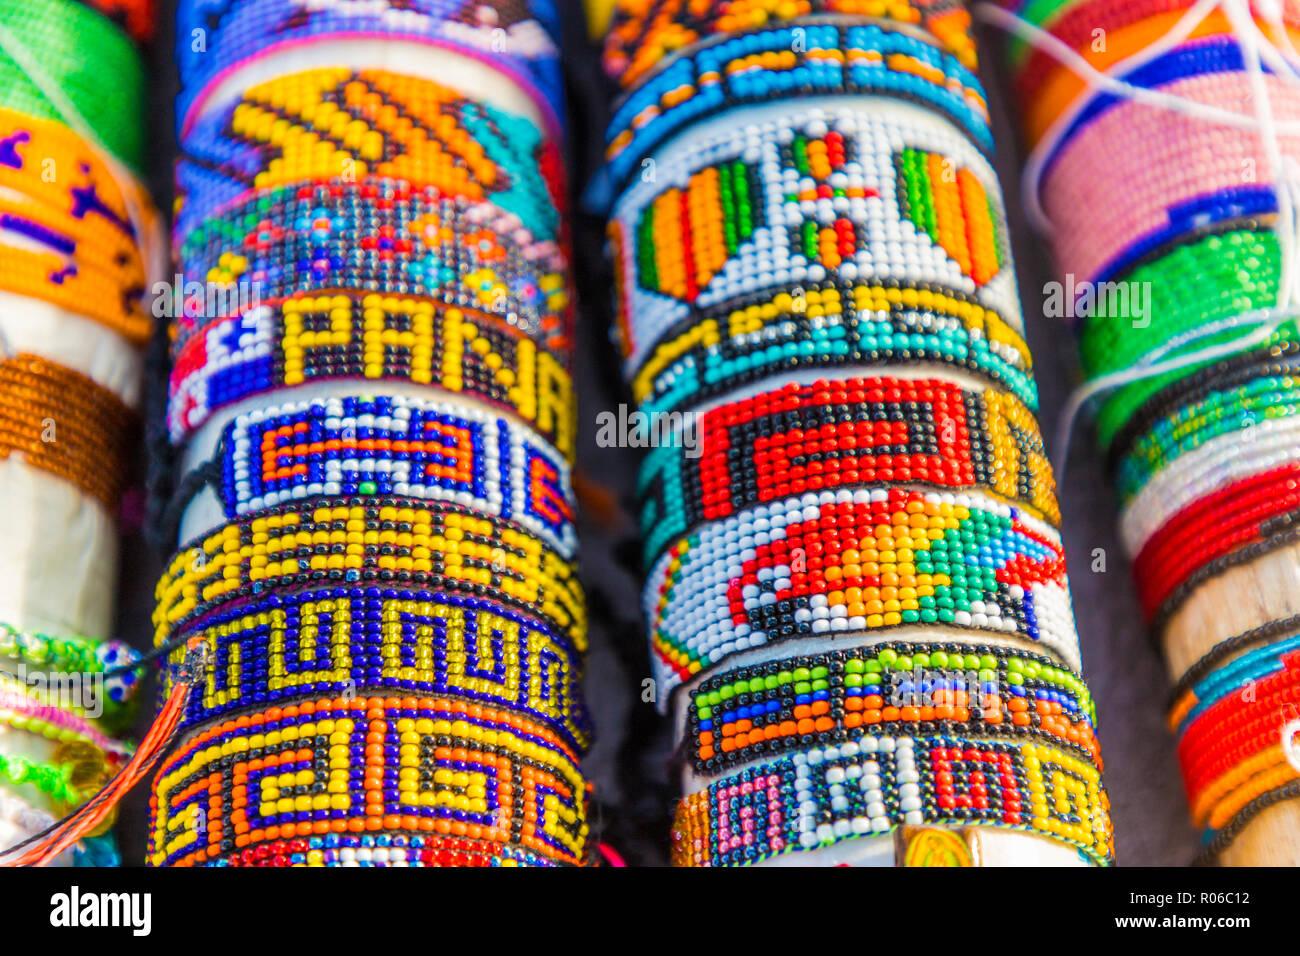 1032b40aac46 Shakira pulseras artesanales tradicionales para la venta en las islas de  San Blas